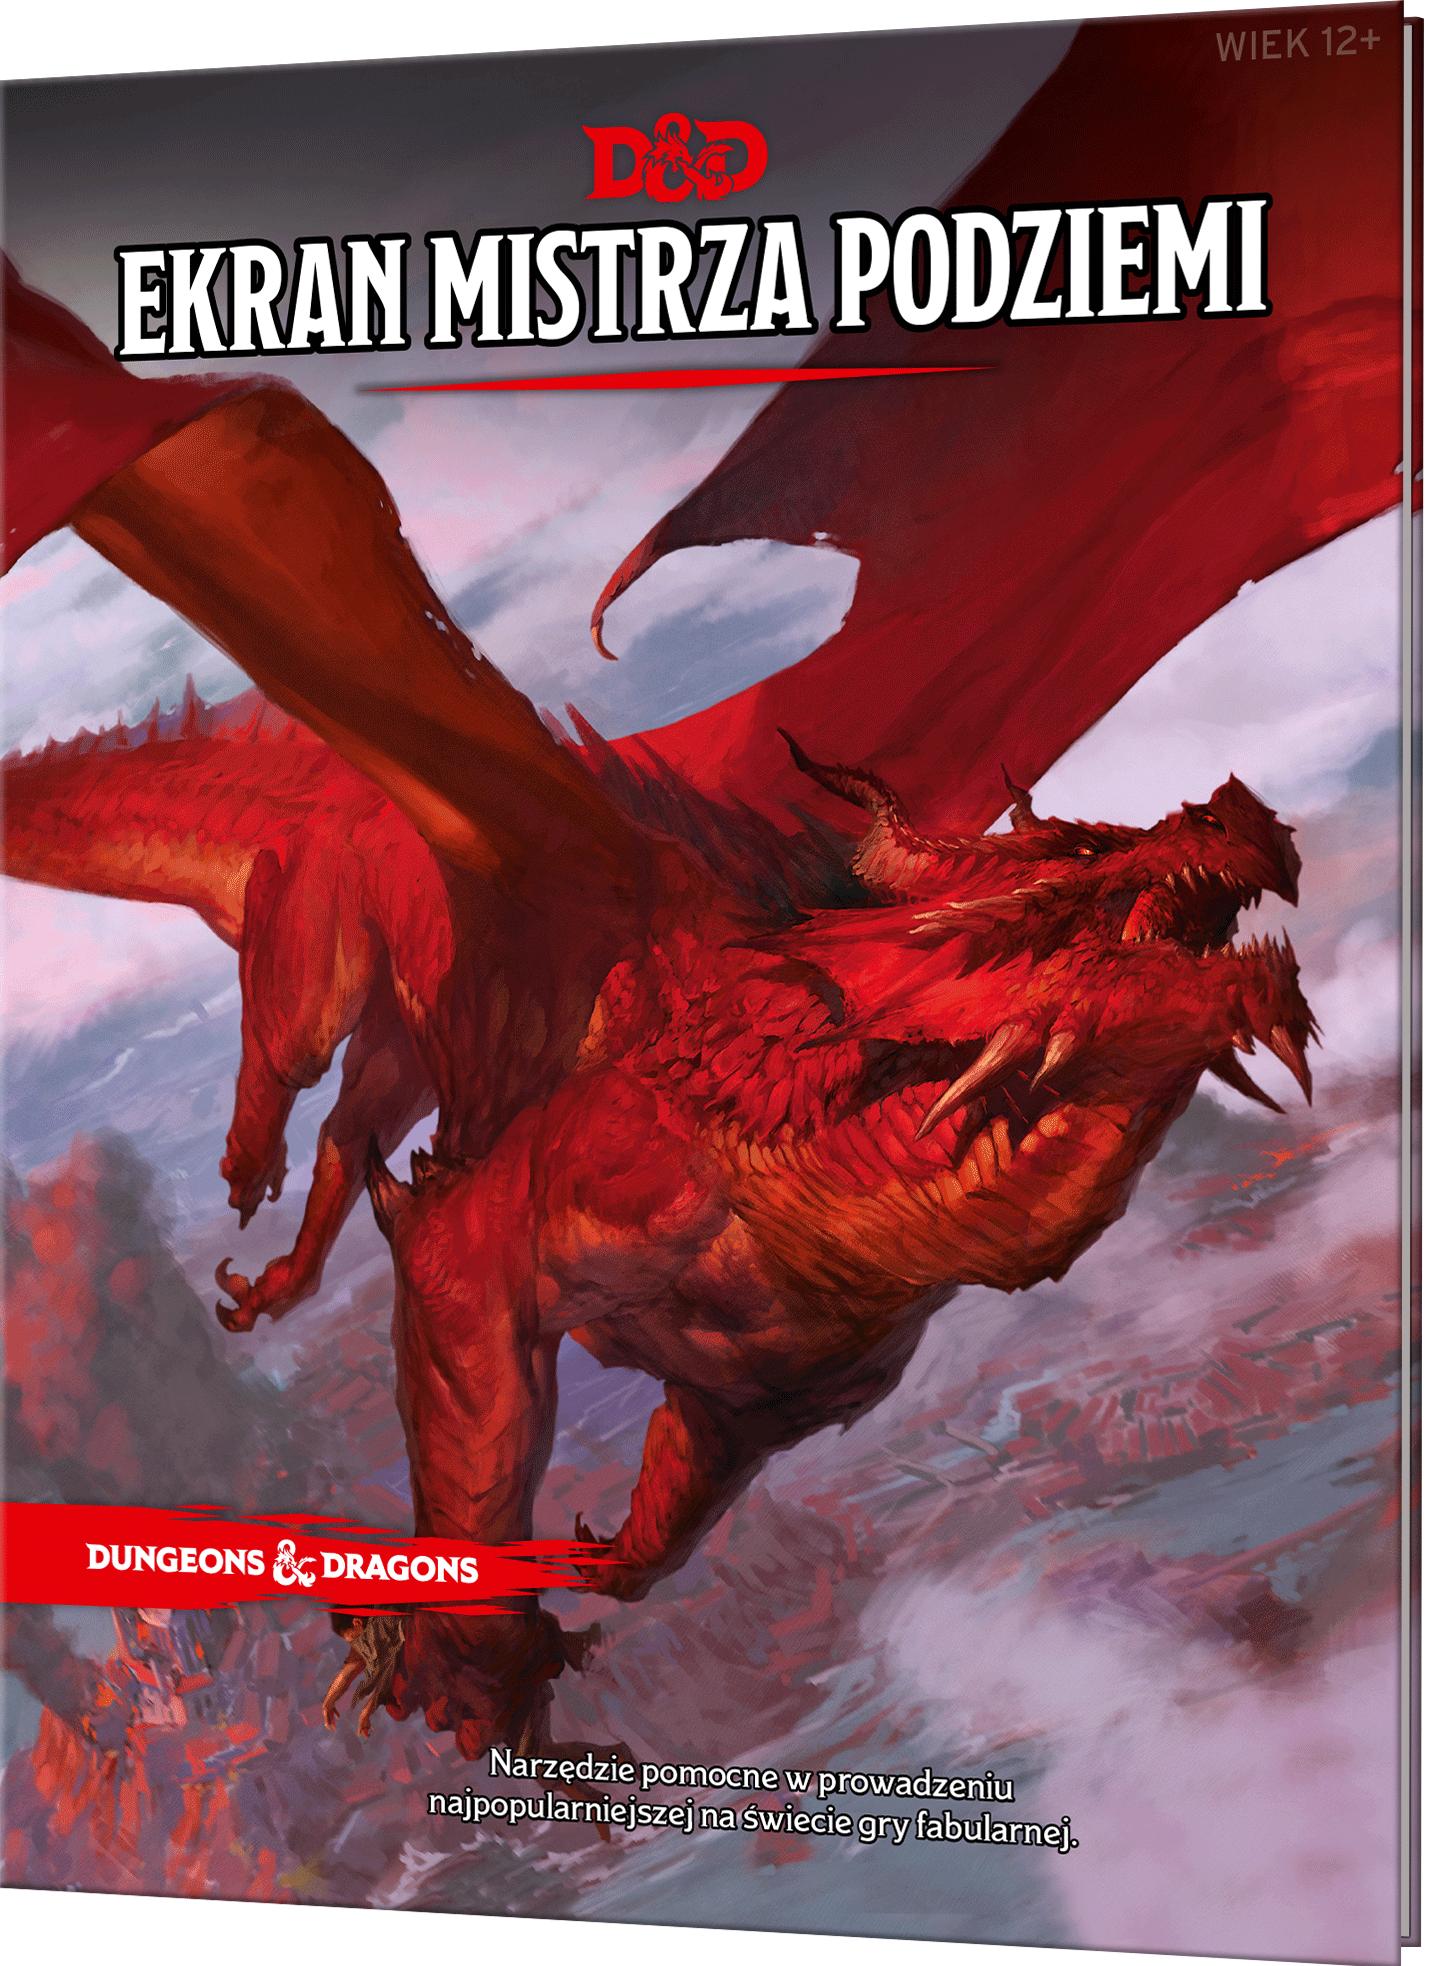 Dungeon&Dragons Ekran Mistrza Podziemi